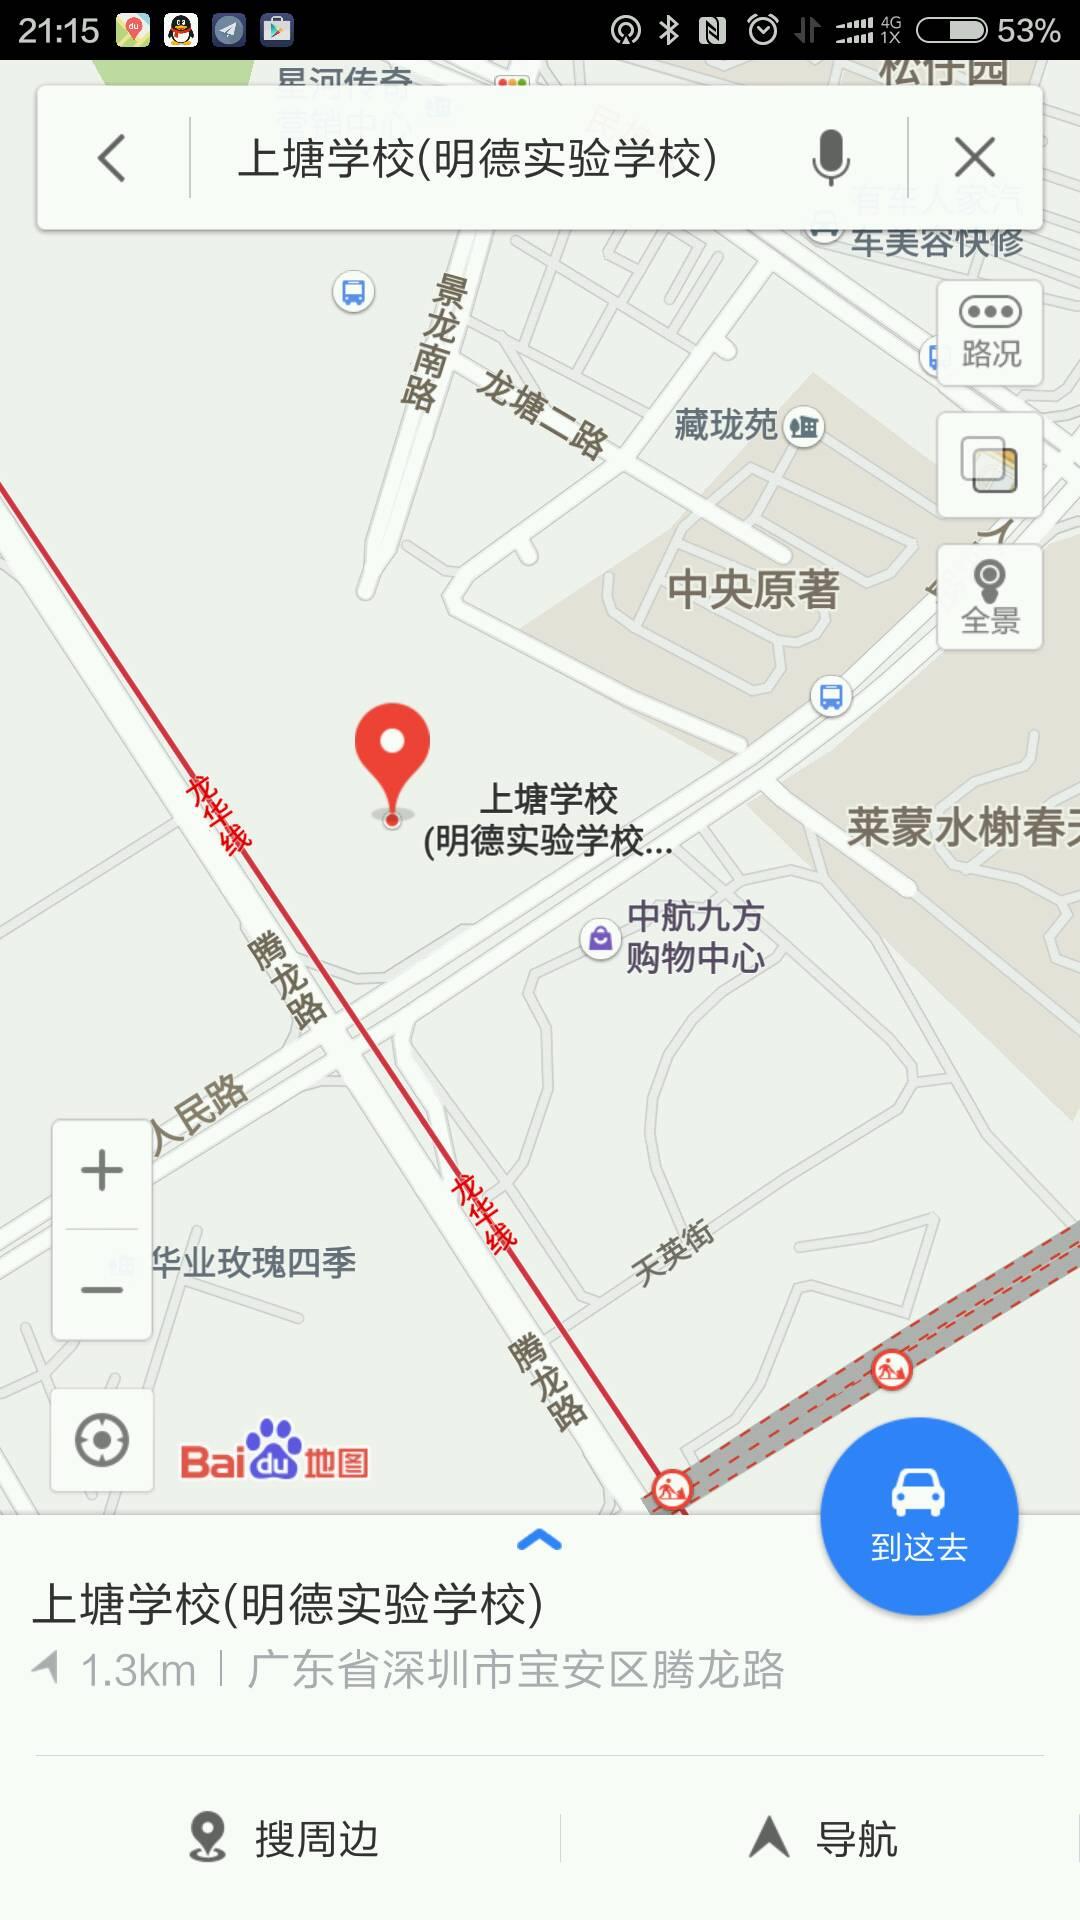 百度地图发现上塘学校的秘密 - 家在深圳(房网论坛)